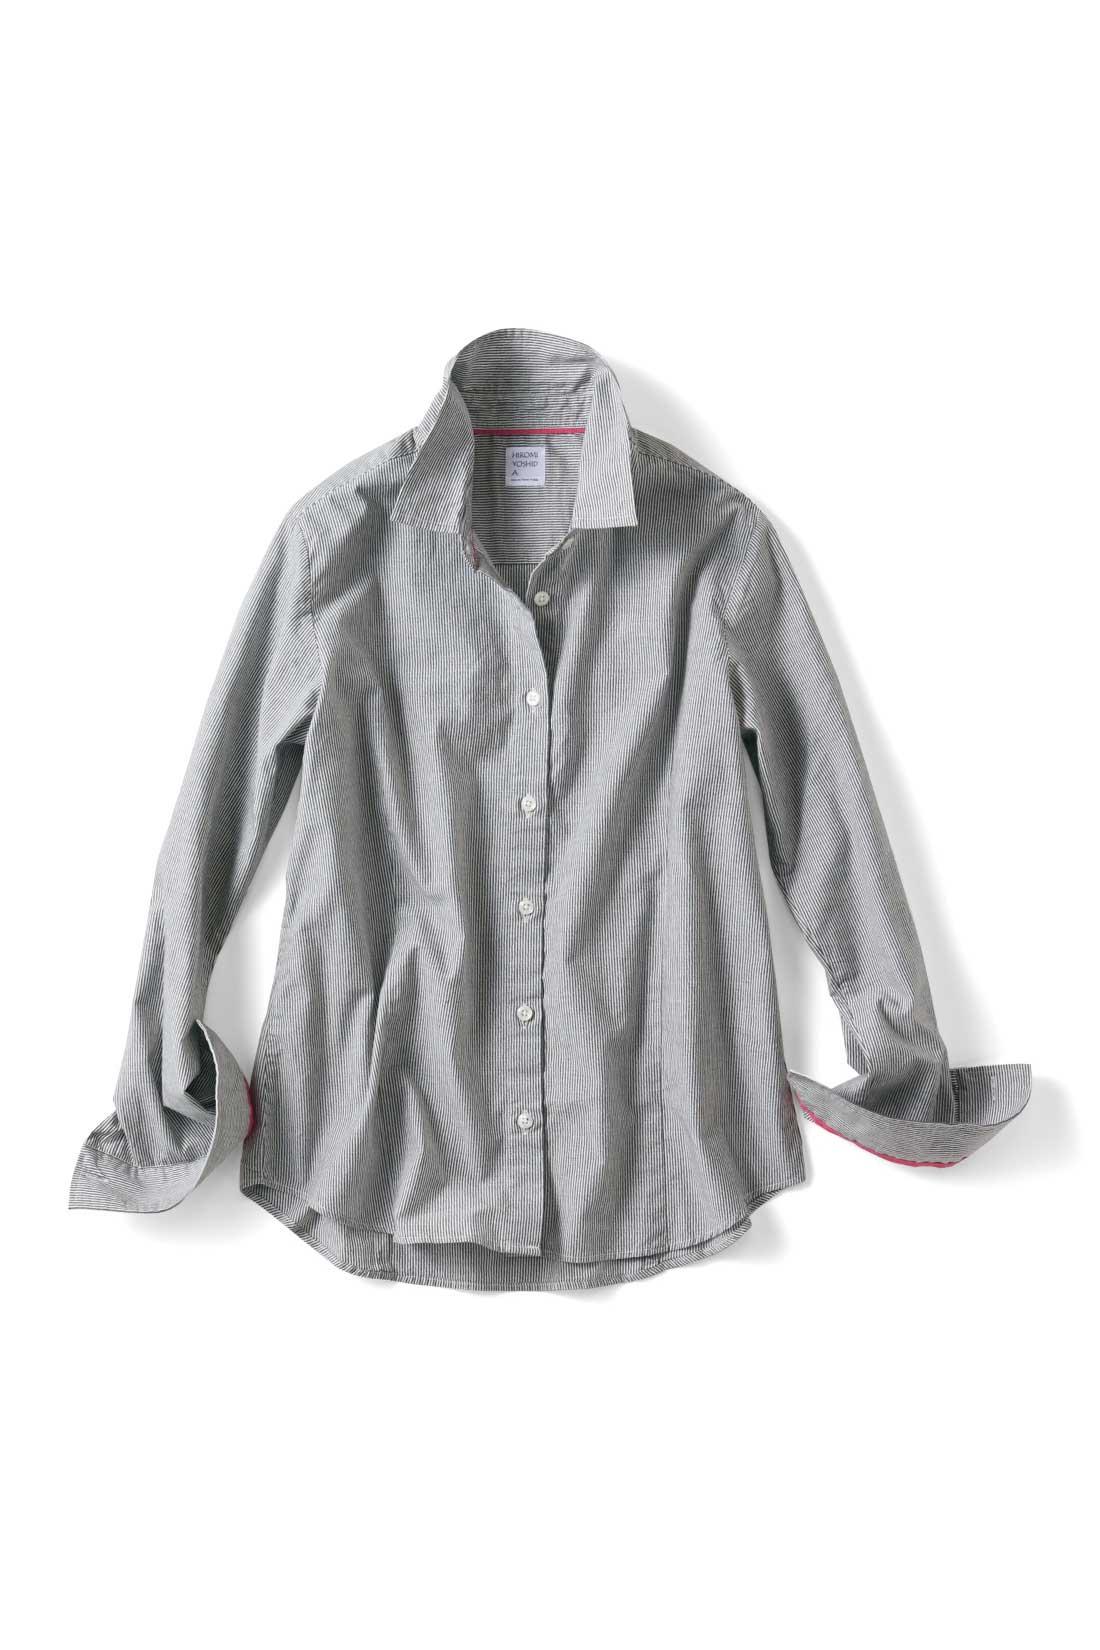 マニッシュなシャツながら、袖をまくれば、女らしさが垣間見えるヴィヴィッドカラーの配色テープ。